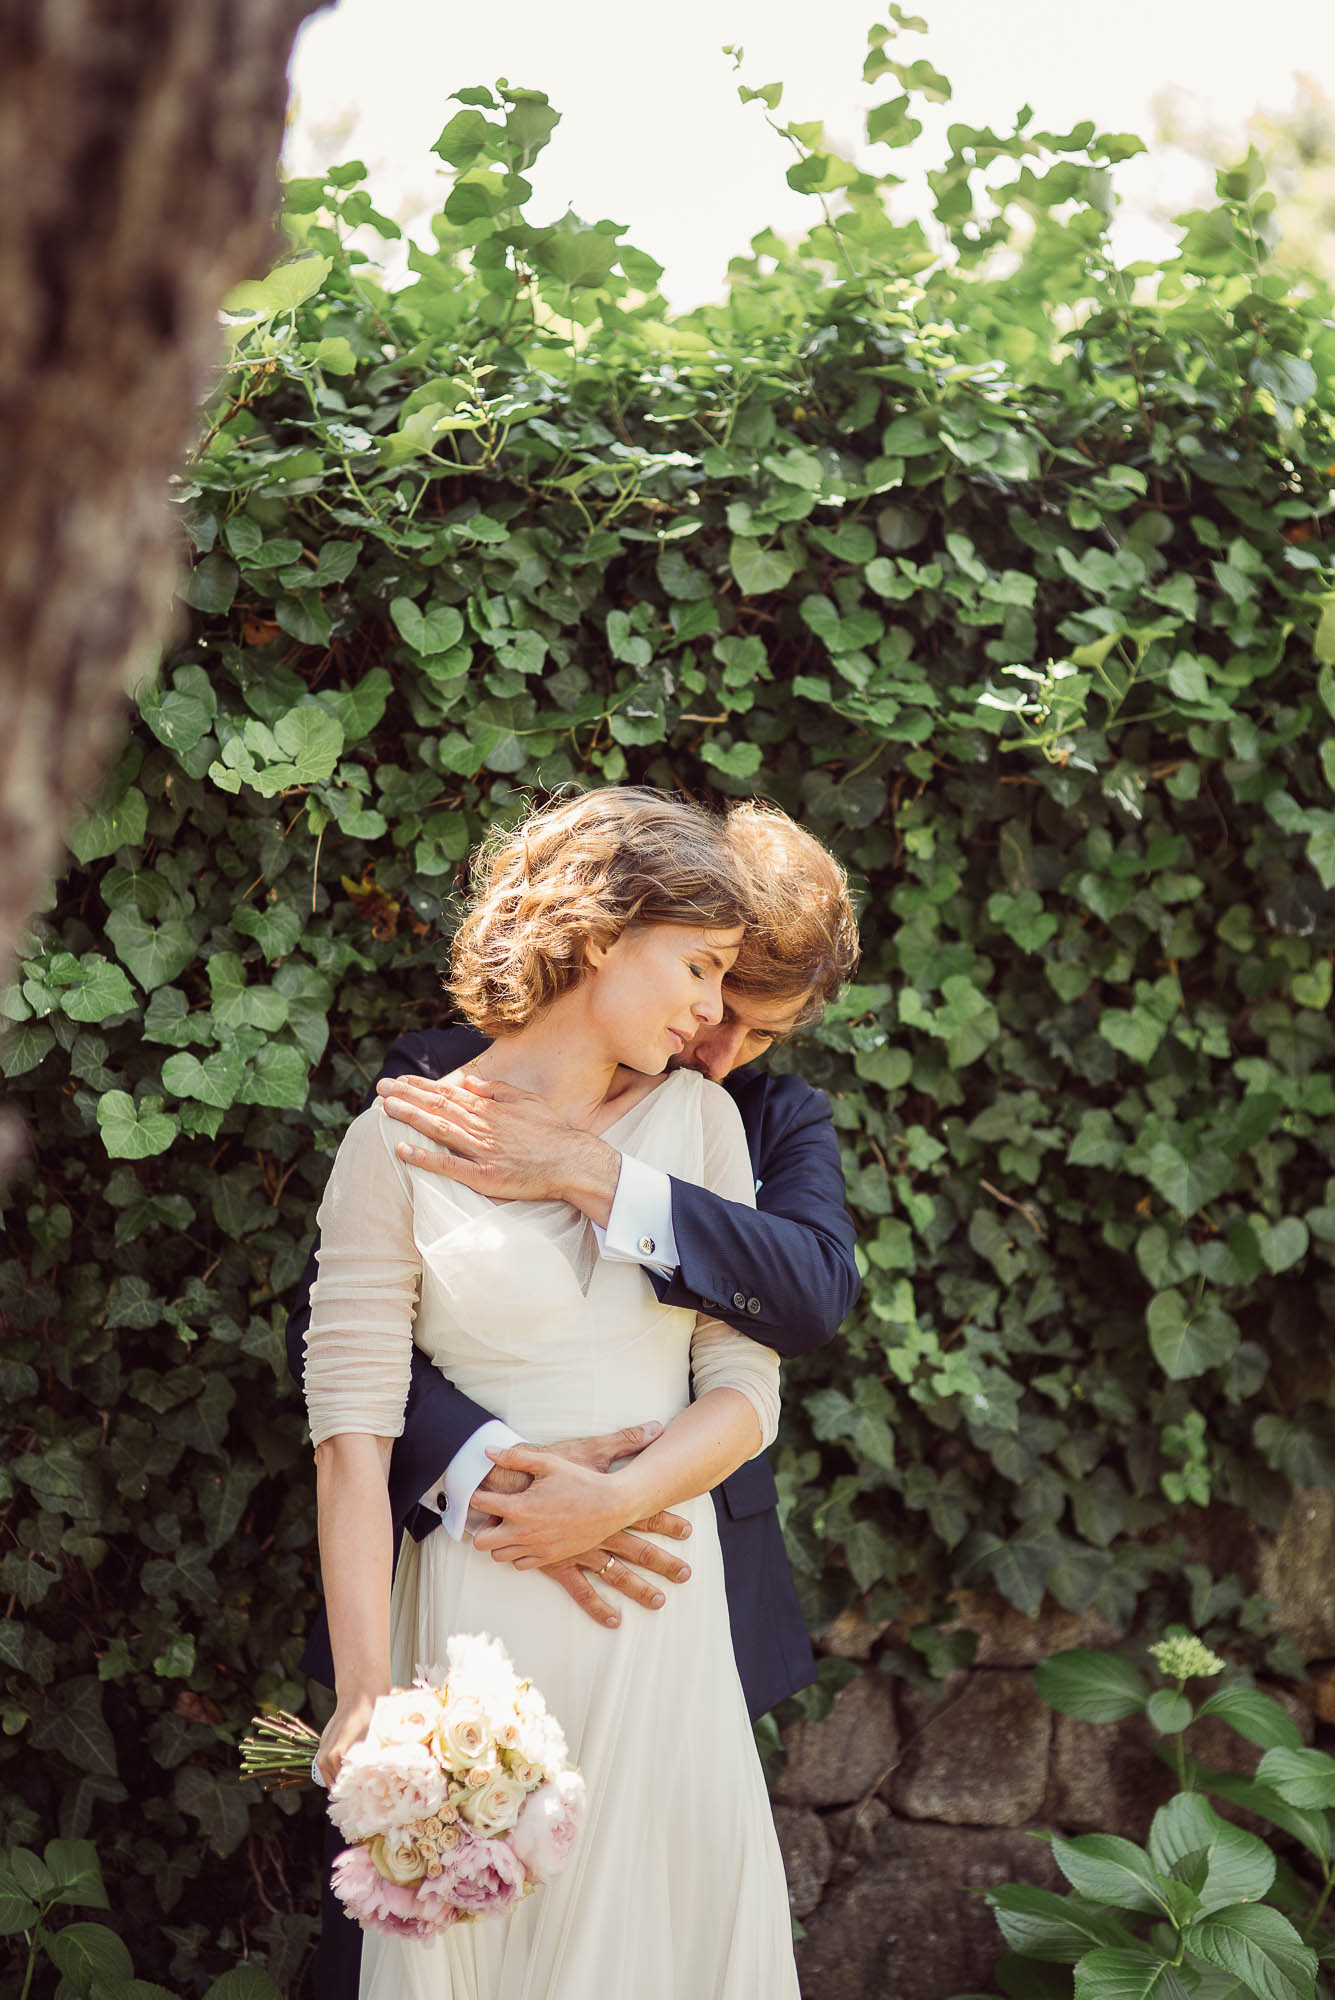 El novio abraza a su mujer cariñosamente mientras ella cierra los ojos y gira la cara hacia él